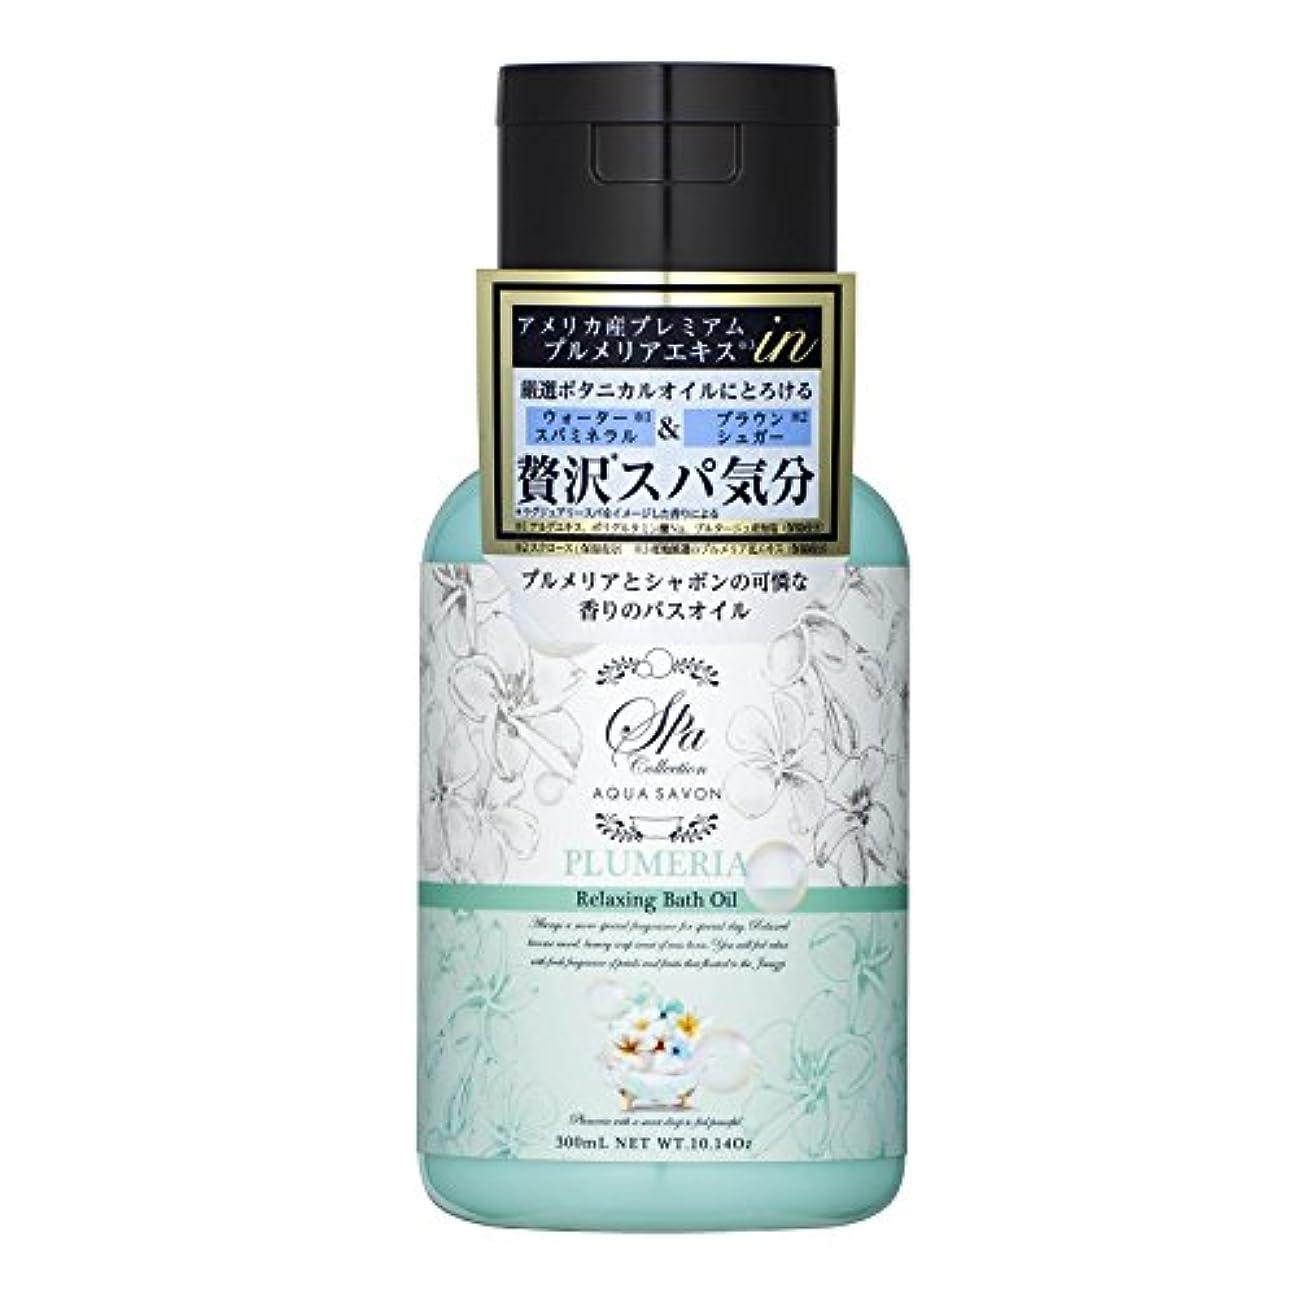 貨物バクテリア金額アクアシャボン スパコレクション リラクシングバスオイル プルメリアスパの香り 300mL